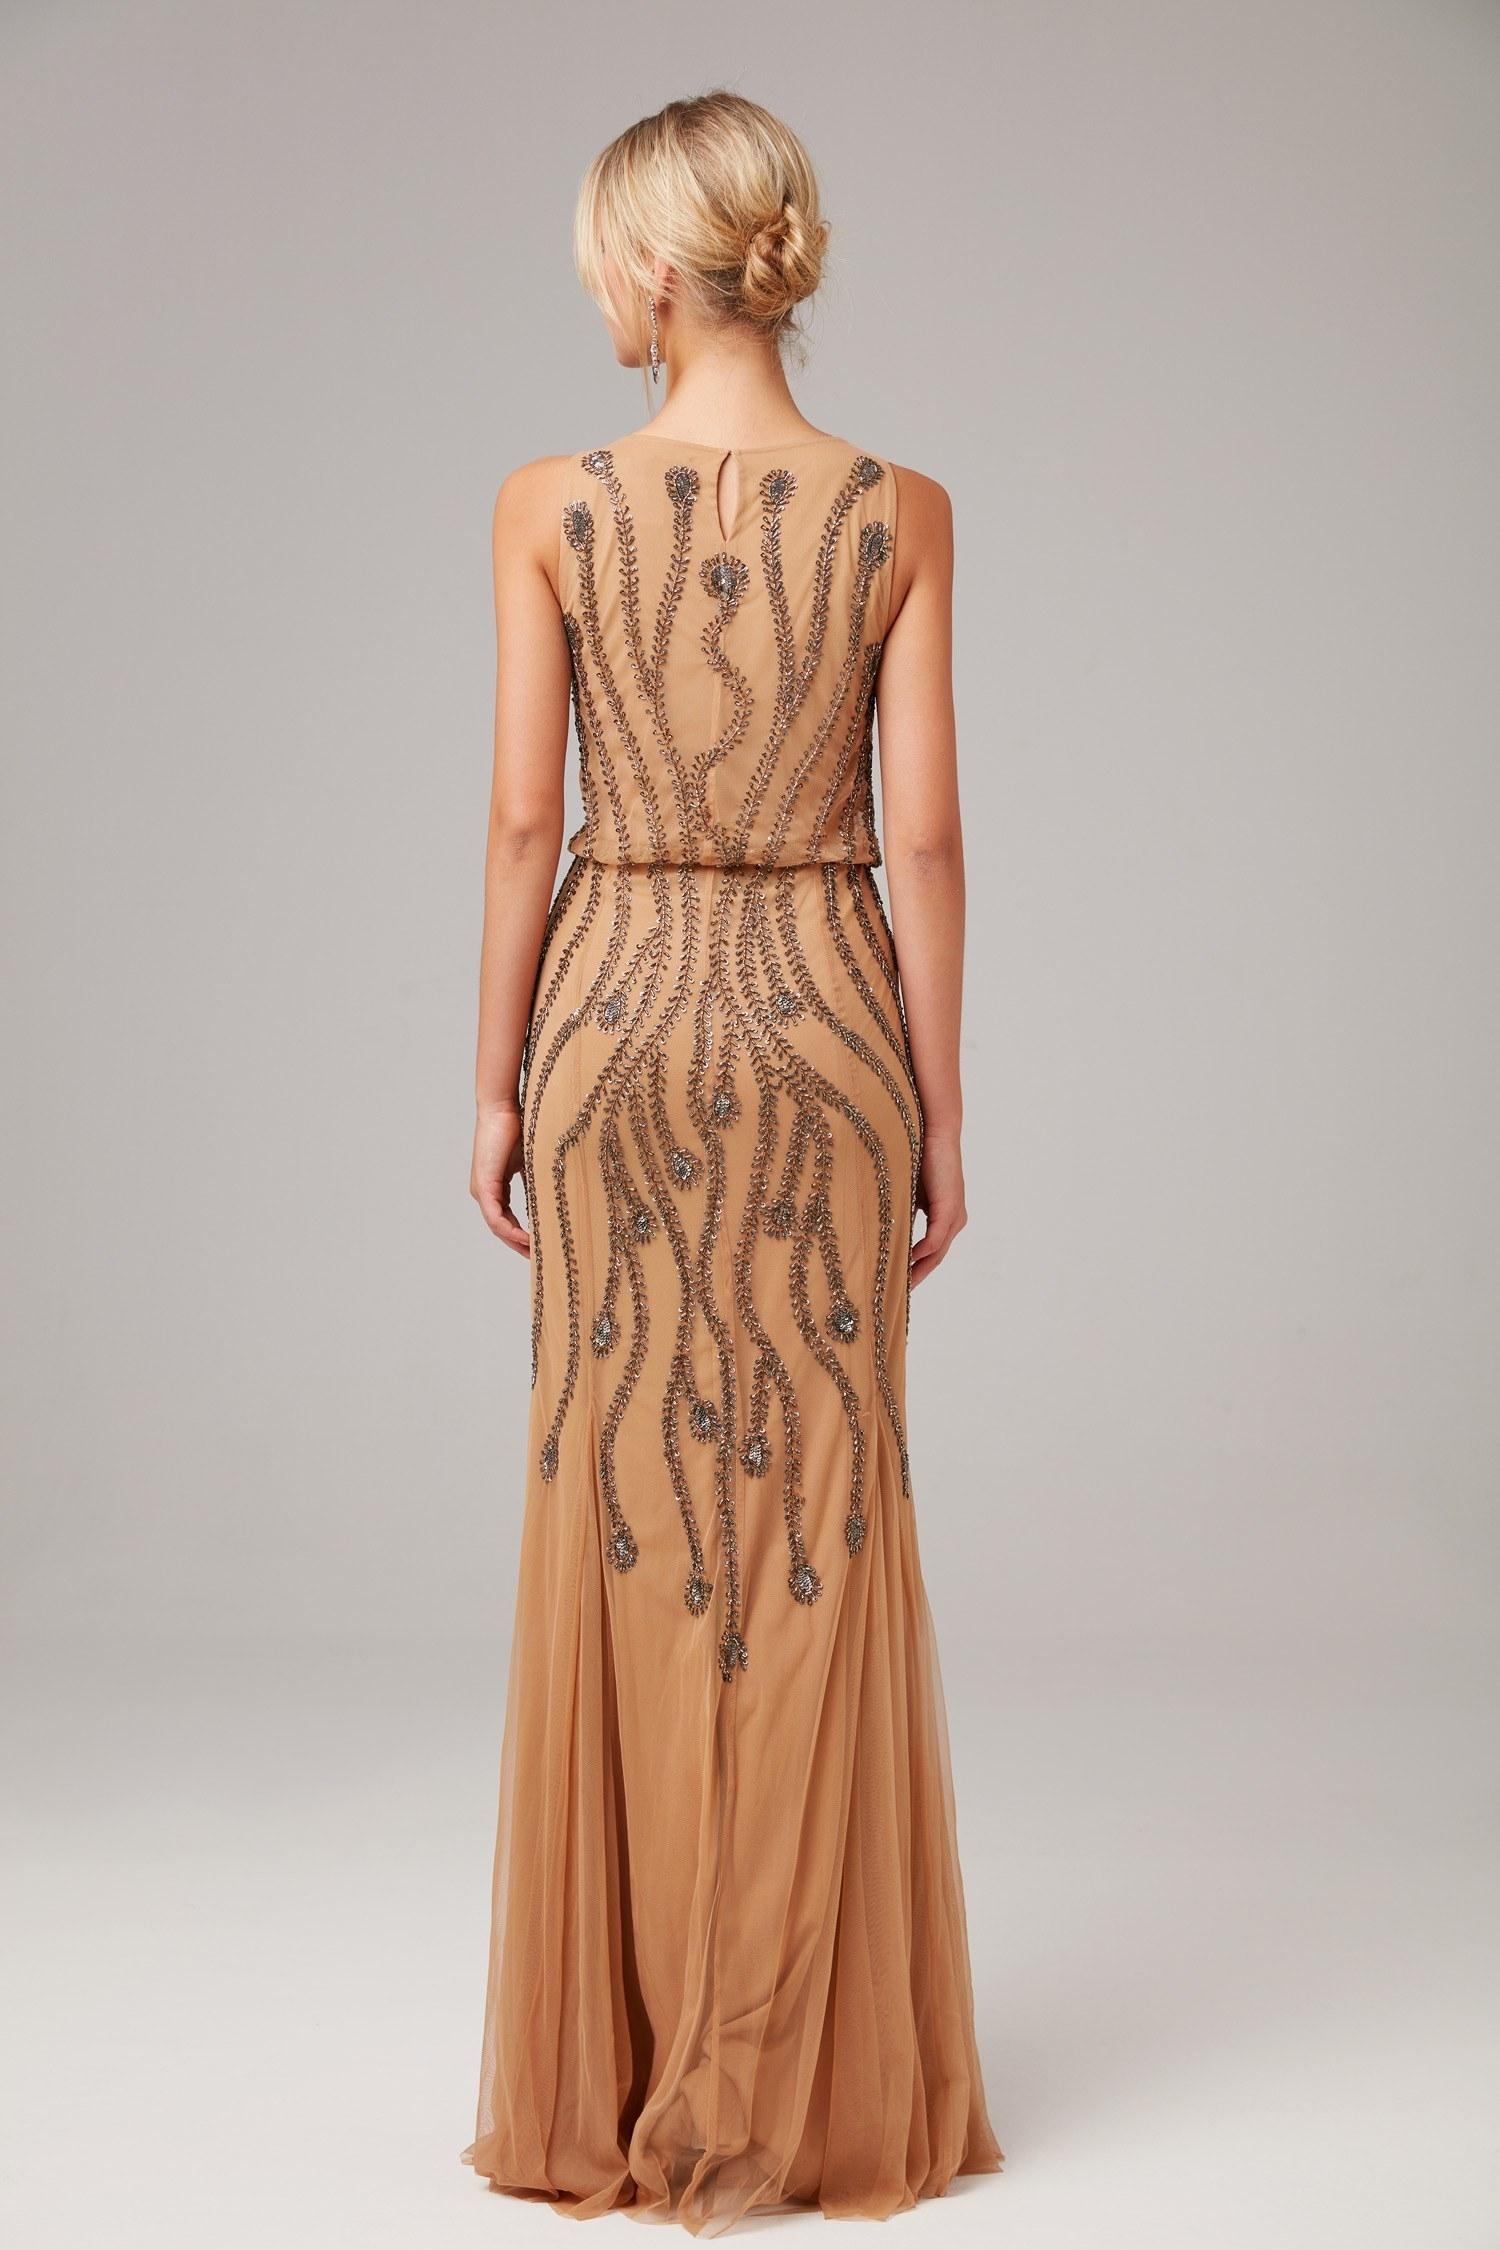 Nude Askılı Payet İşlemeli Uzun Abiye Elbise - Thumbnail